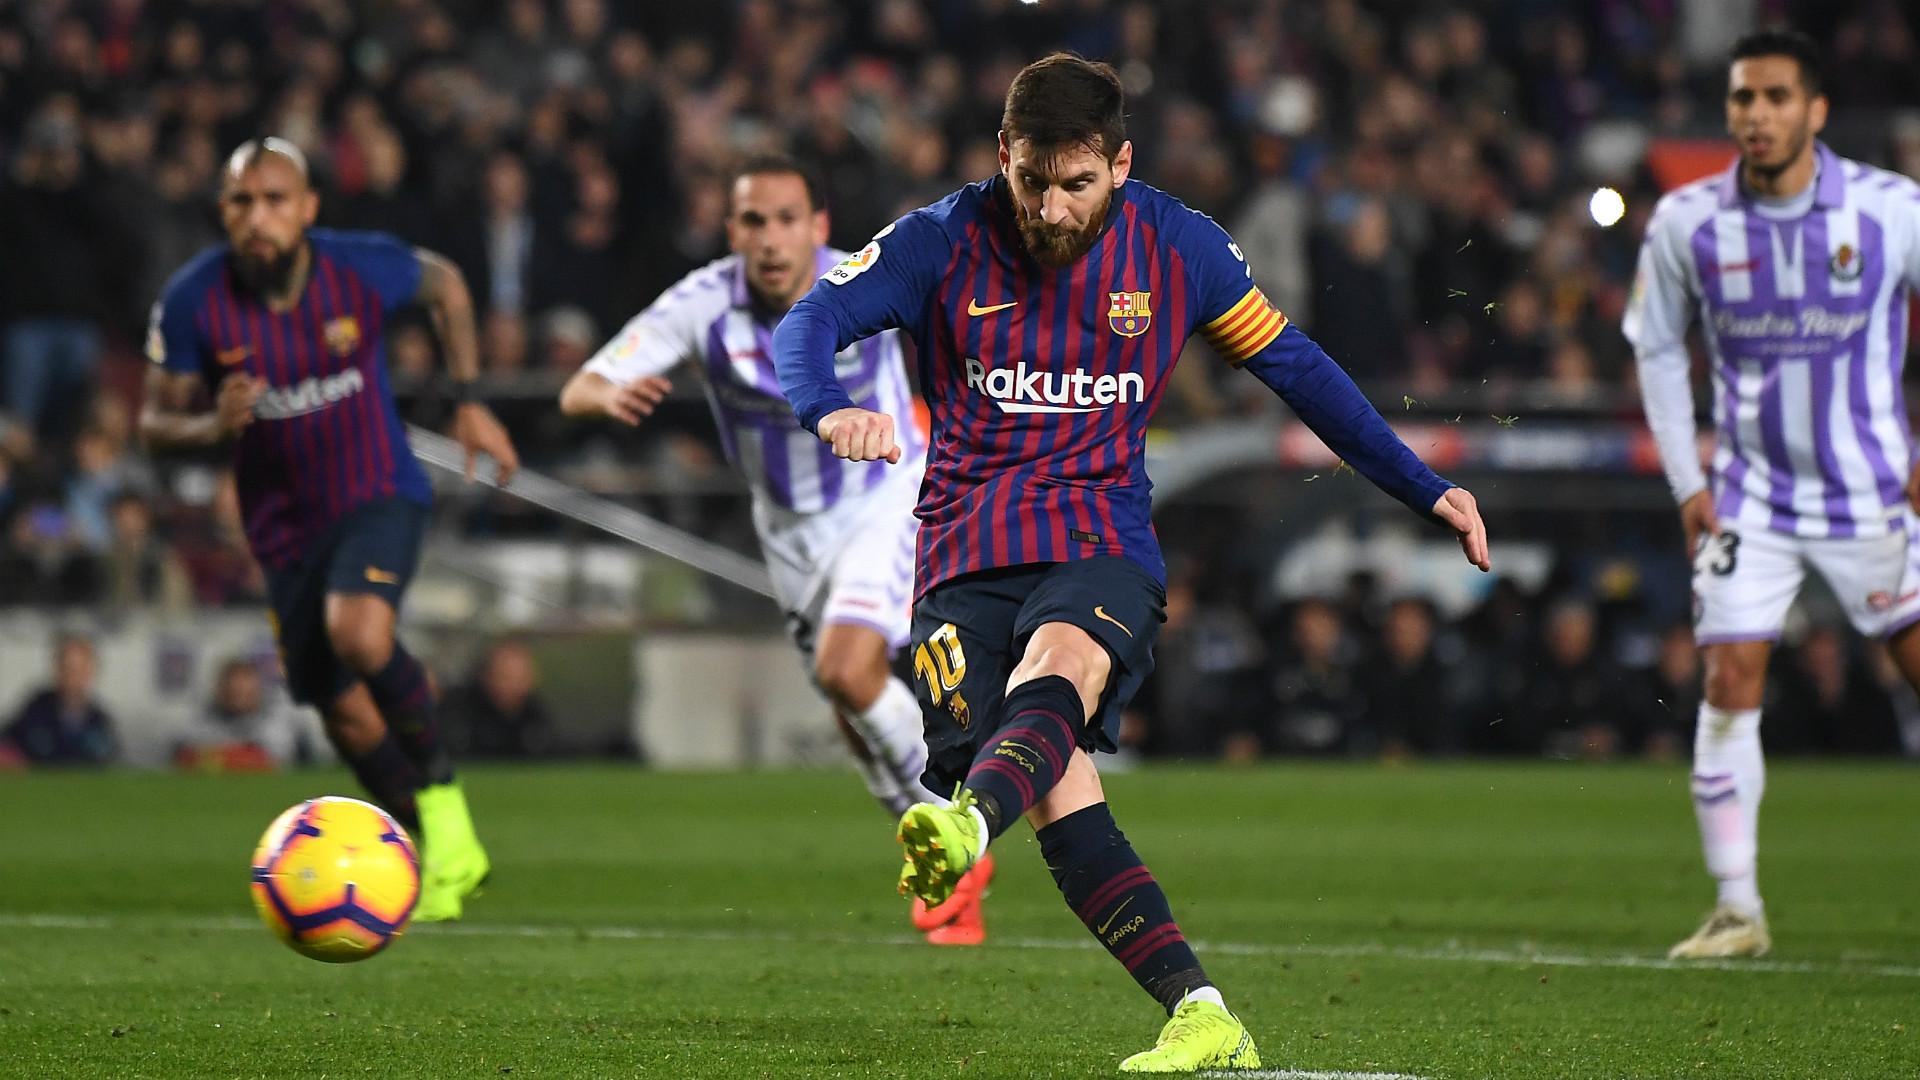 barcelone v real valladolid r u00e9sum u00e9 du match  16  02  2019